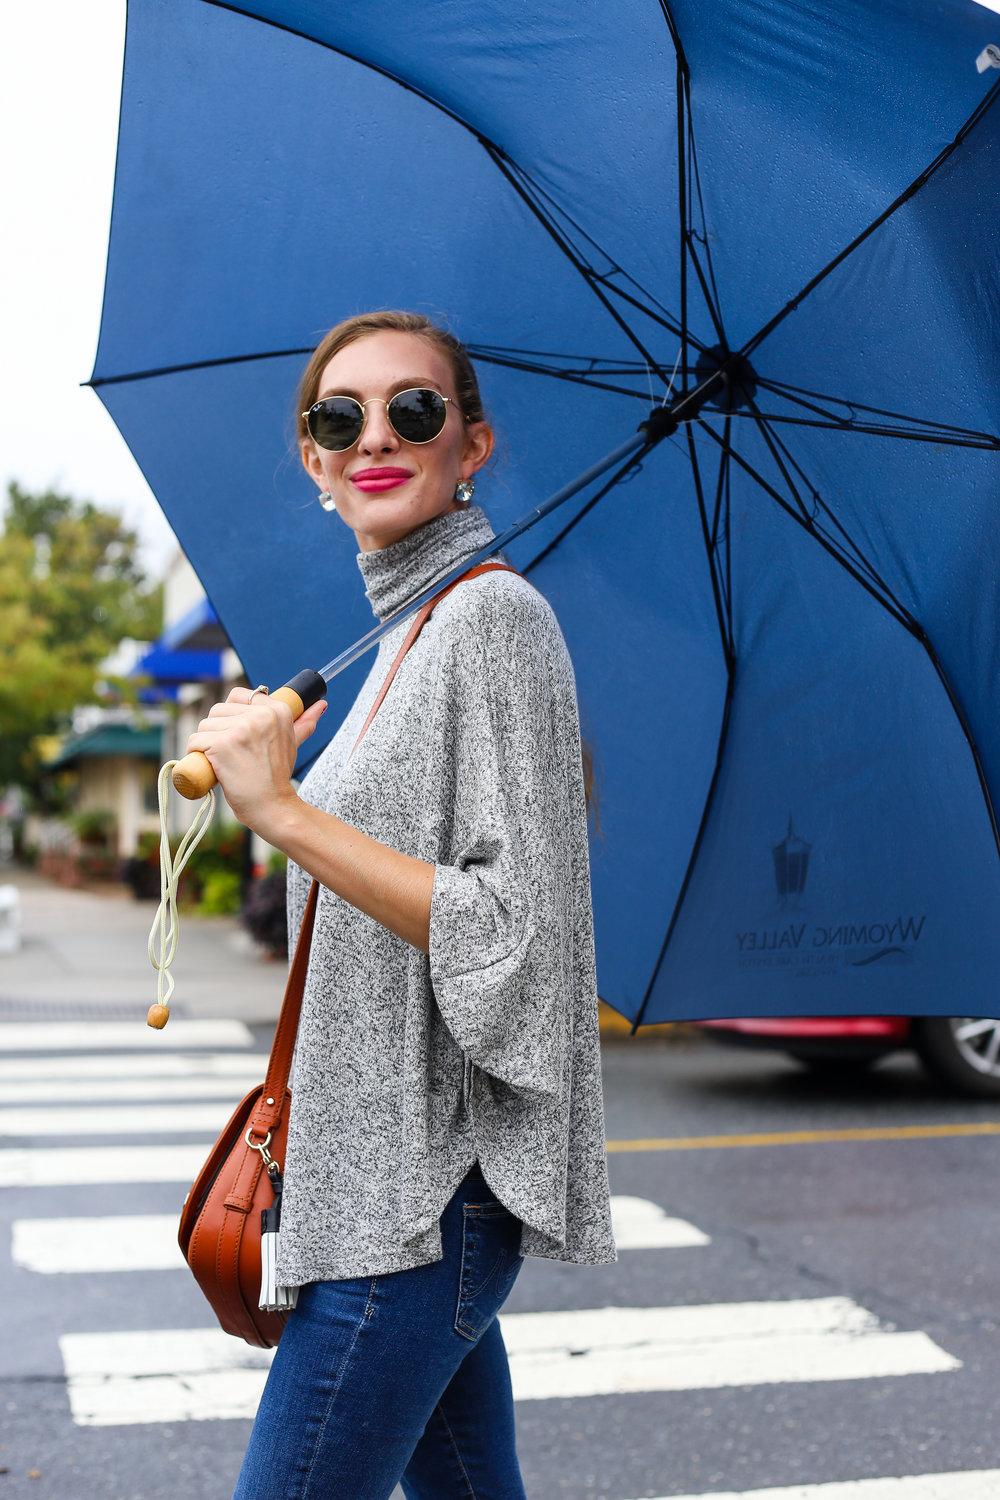 Marled Turtleneck // Rainy Days- Enchanting Elegance